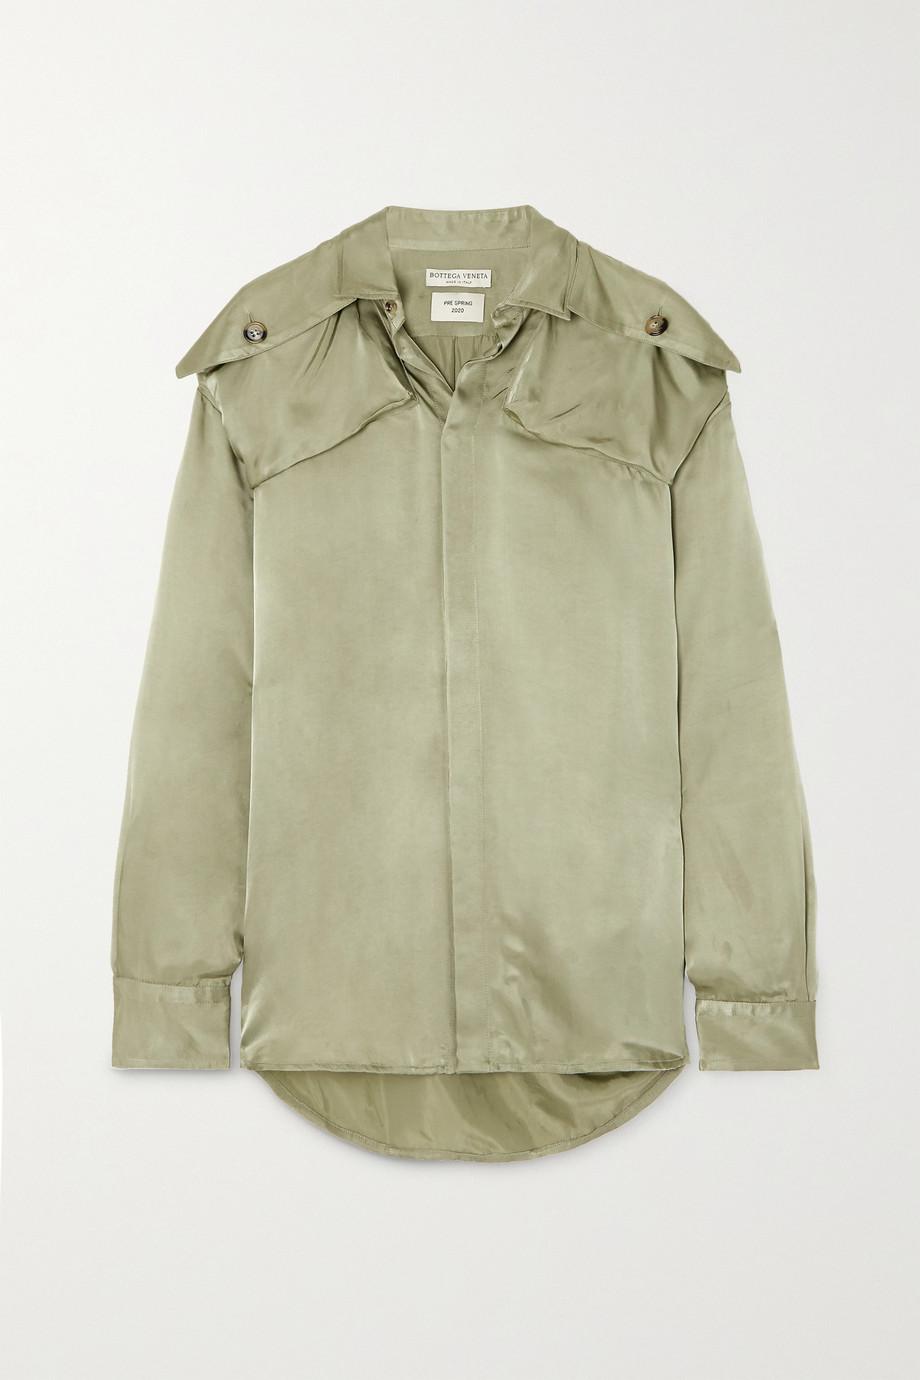 Bottega Veneta Satin-twill shirt